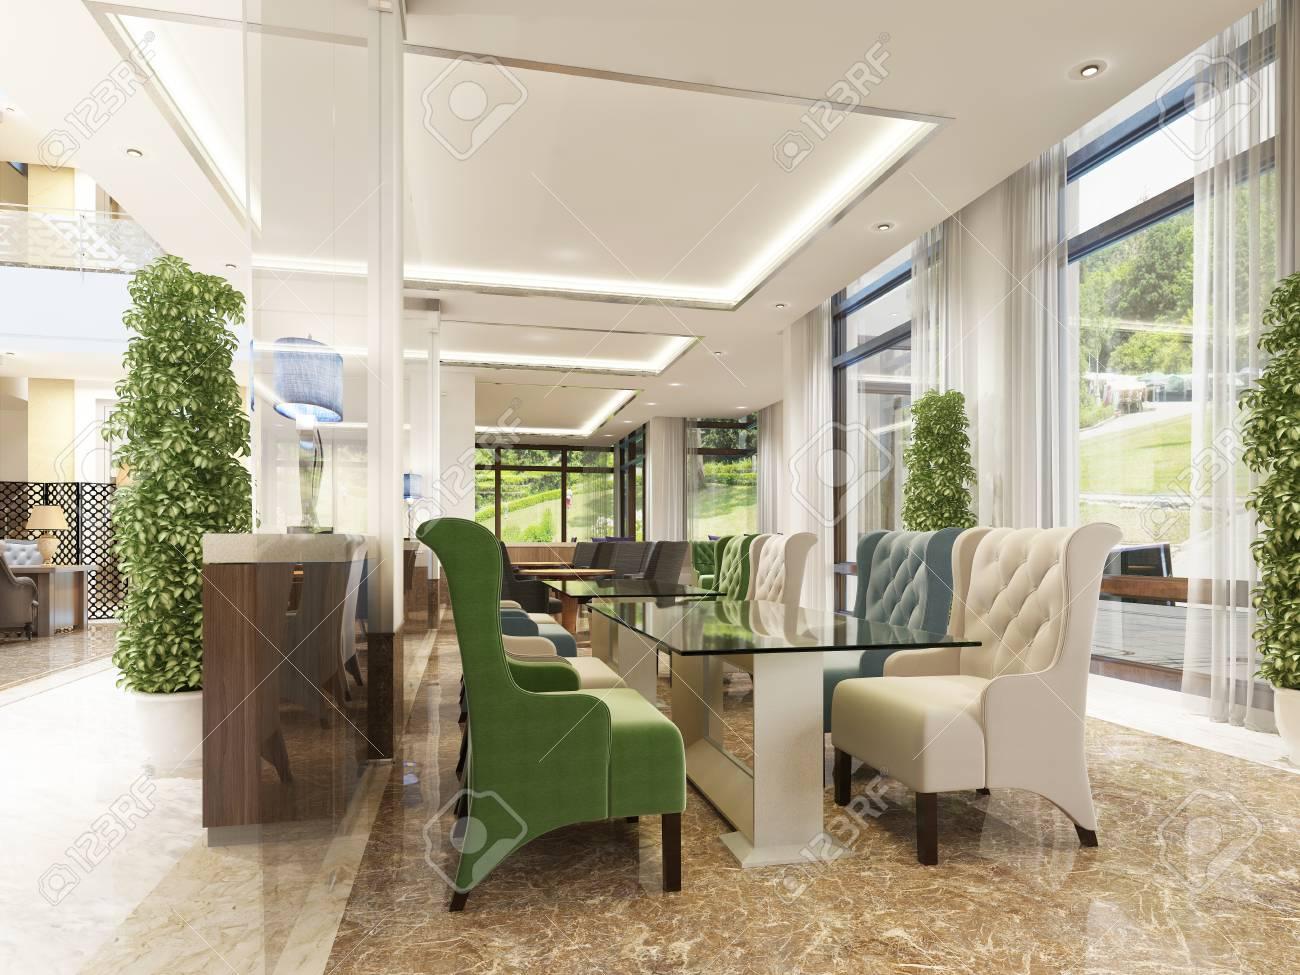 Le Design Intérieur De L\'hôtel, Salle De Petit Déjeuner Et Bar à ...